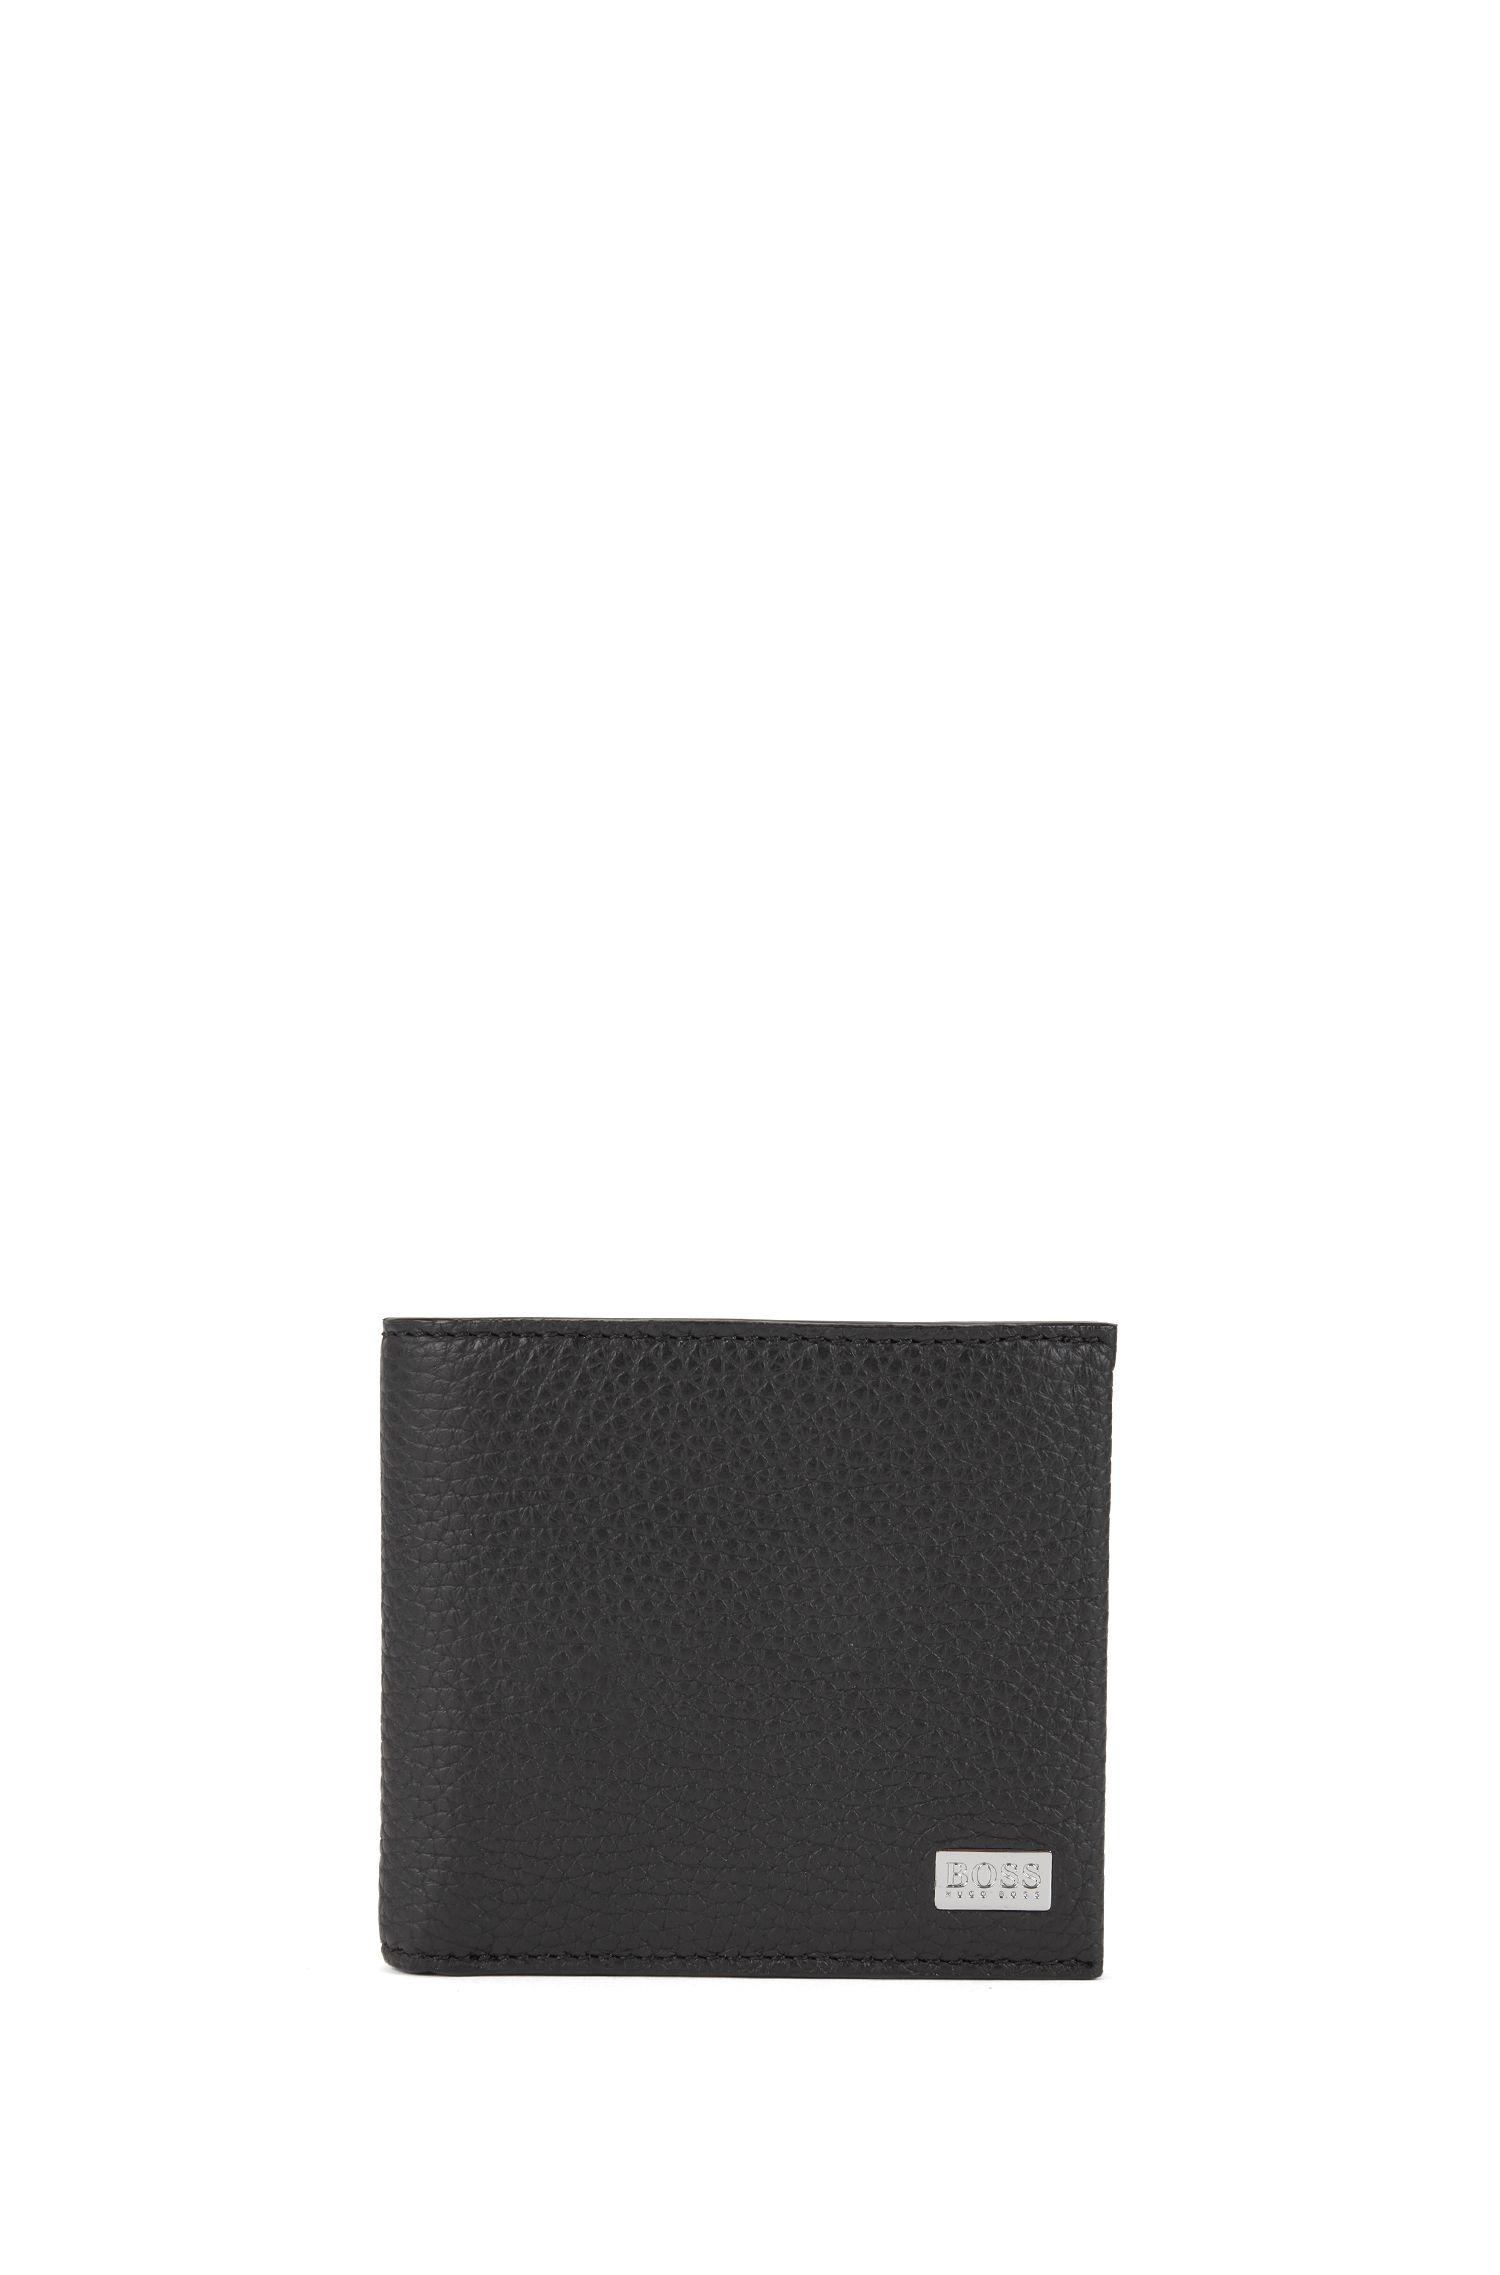 Portafoglio bi-fold con otto scomparti per carte in pelle martellata realizzata in Italia, Nero